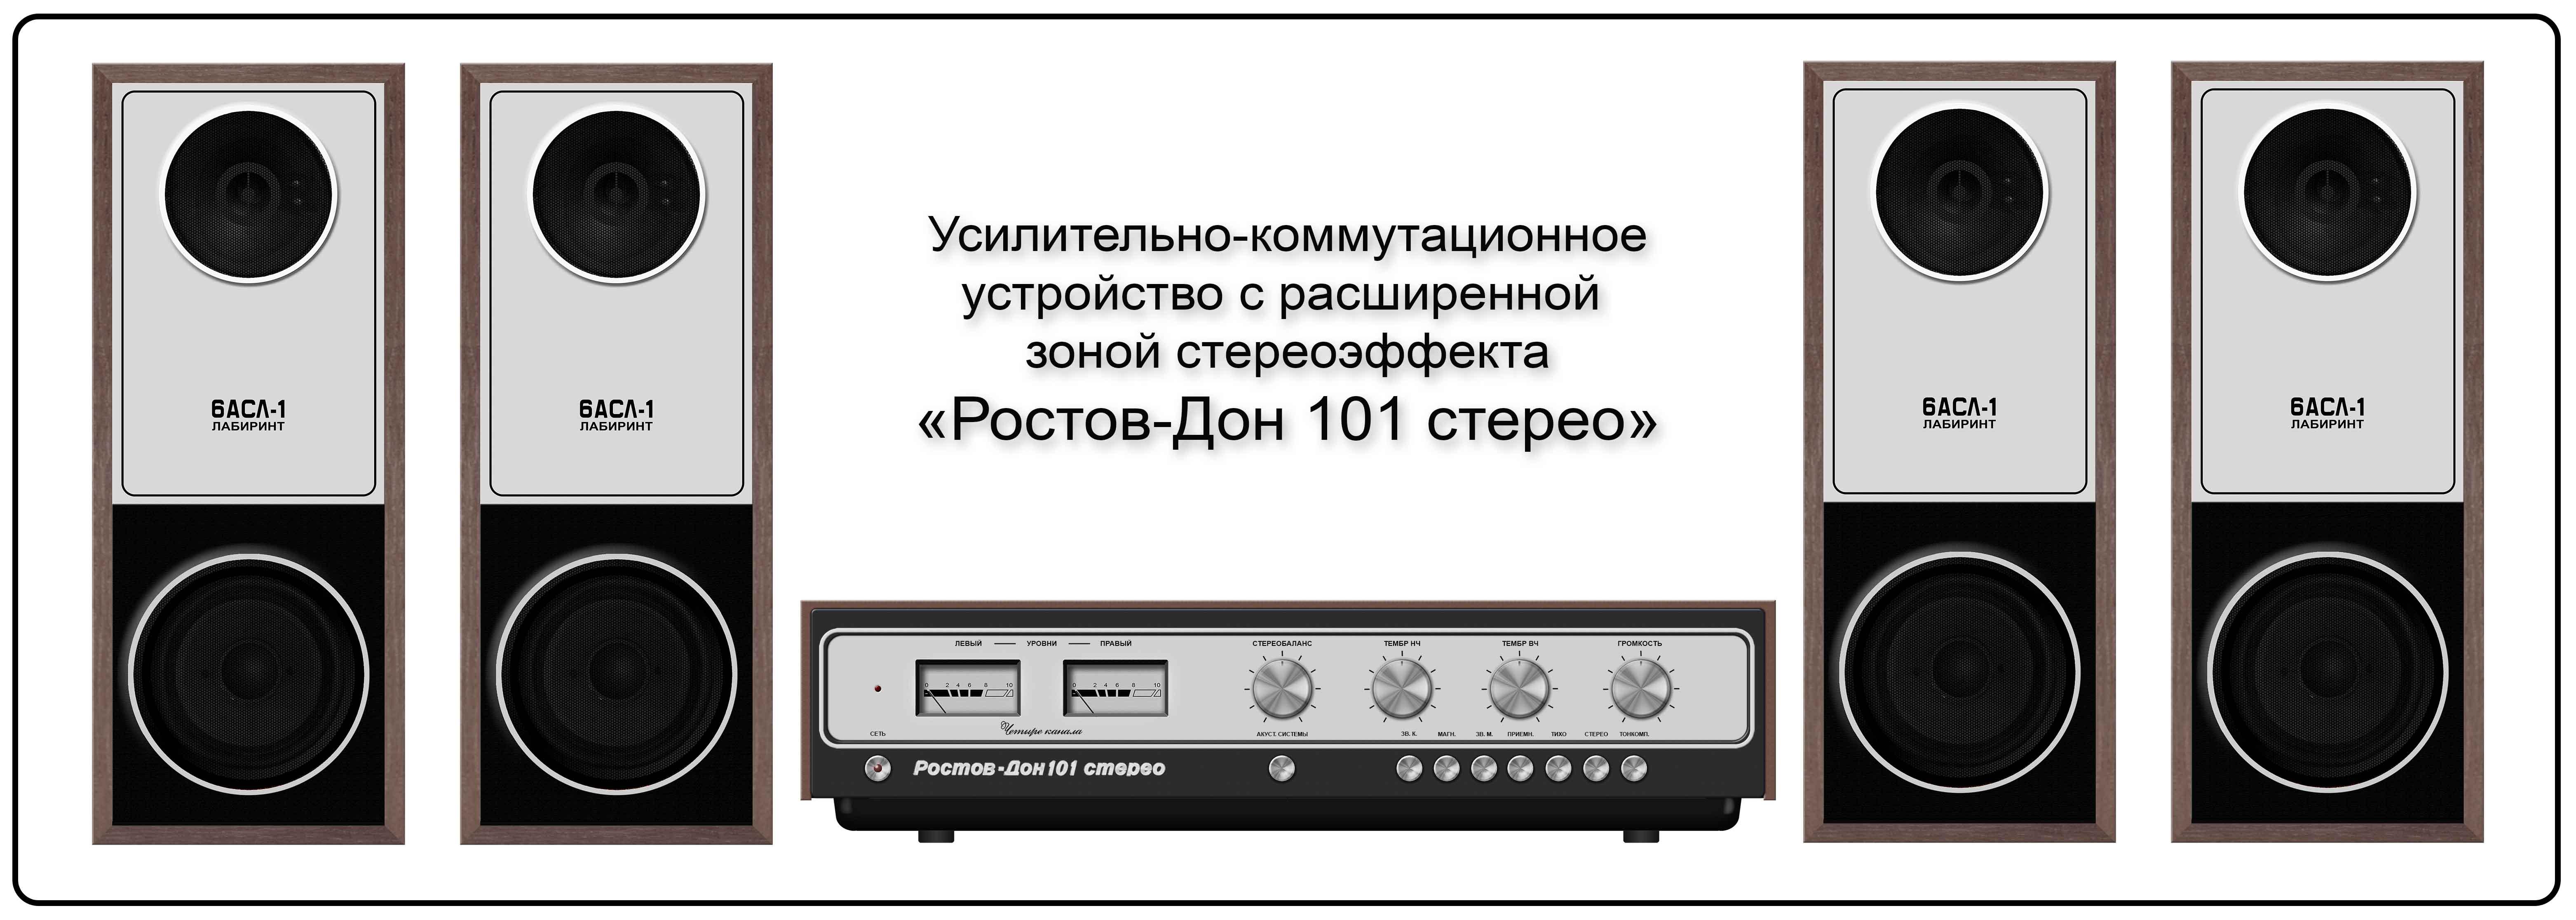 Ростов-Дон 101 стерео 8.jpg